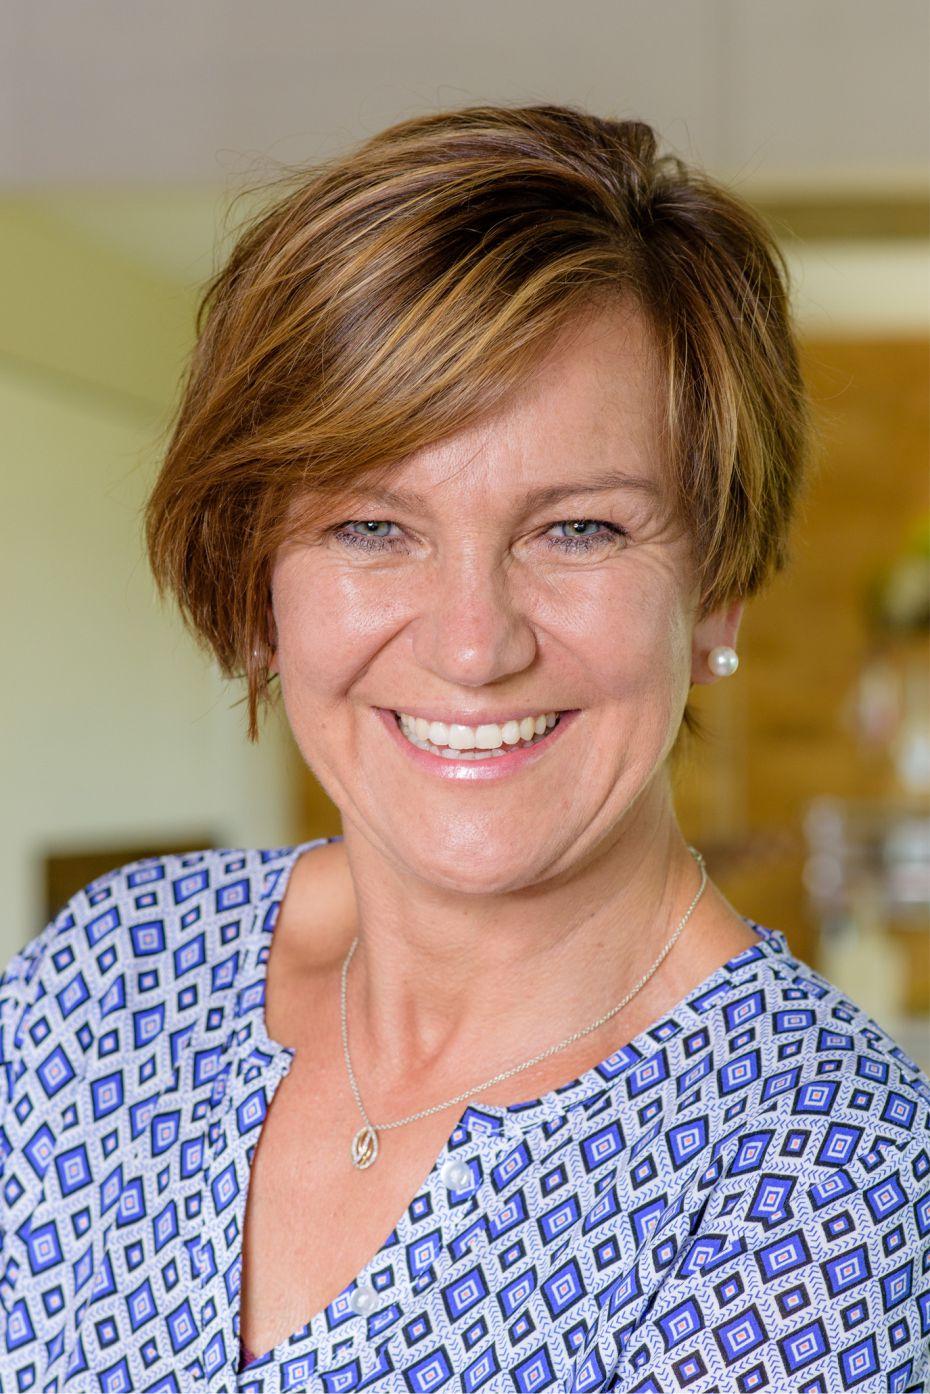 Lisa Zügner